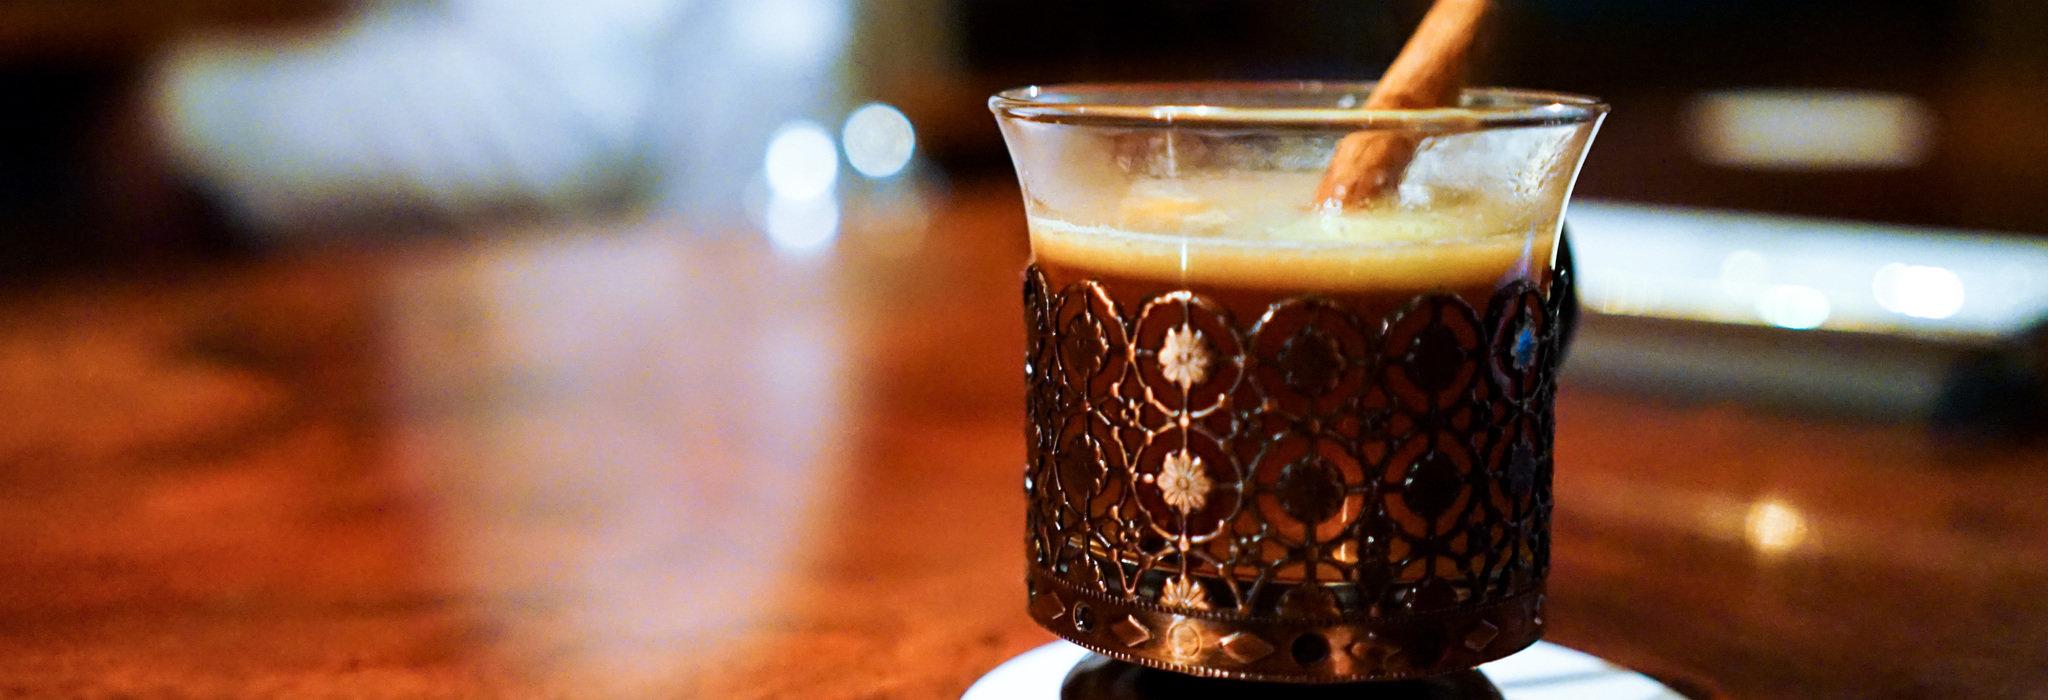 片瀬江ノ島「Bar d」ー 潮風とシガーと ー 【アンティーク・グラスと過ごすバータイム Vol.1】_image